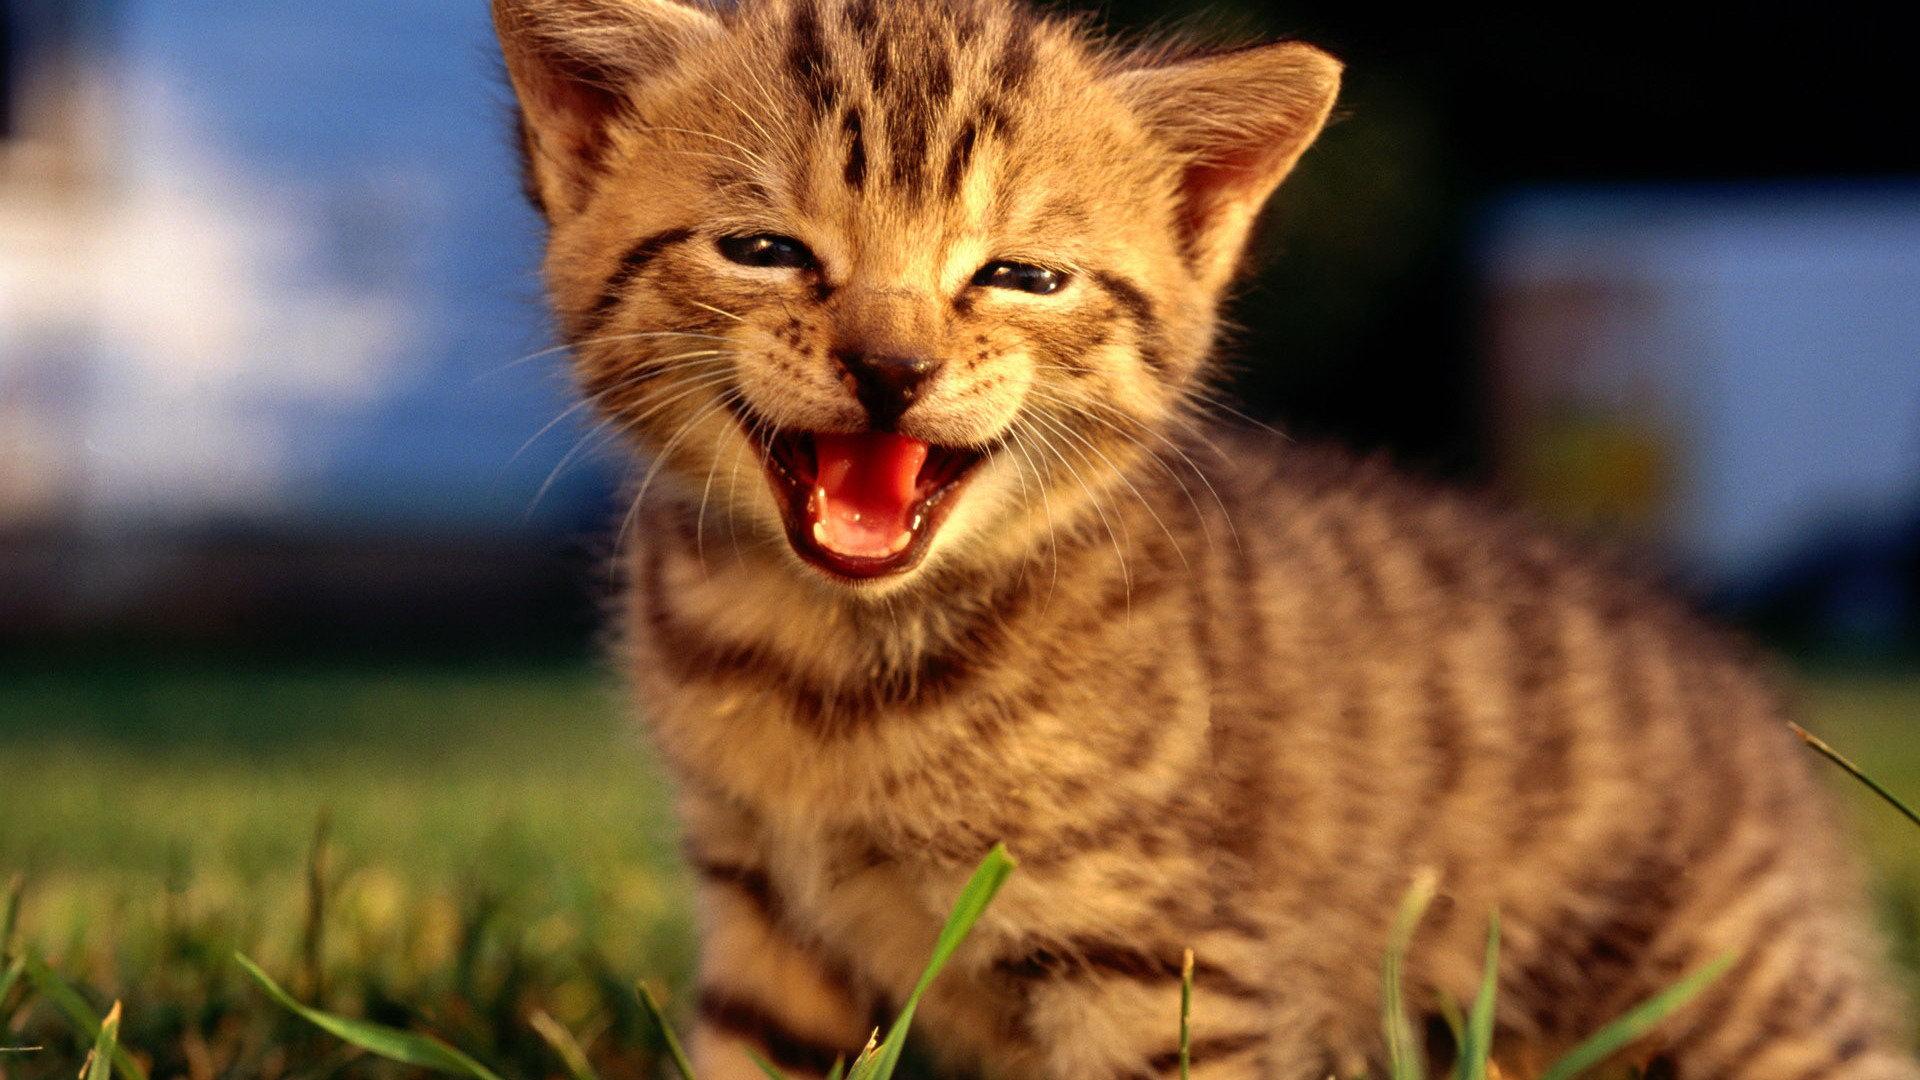 Cute kittens #12